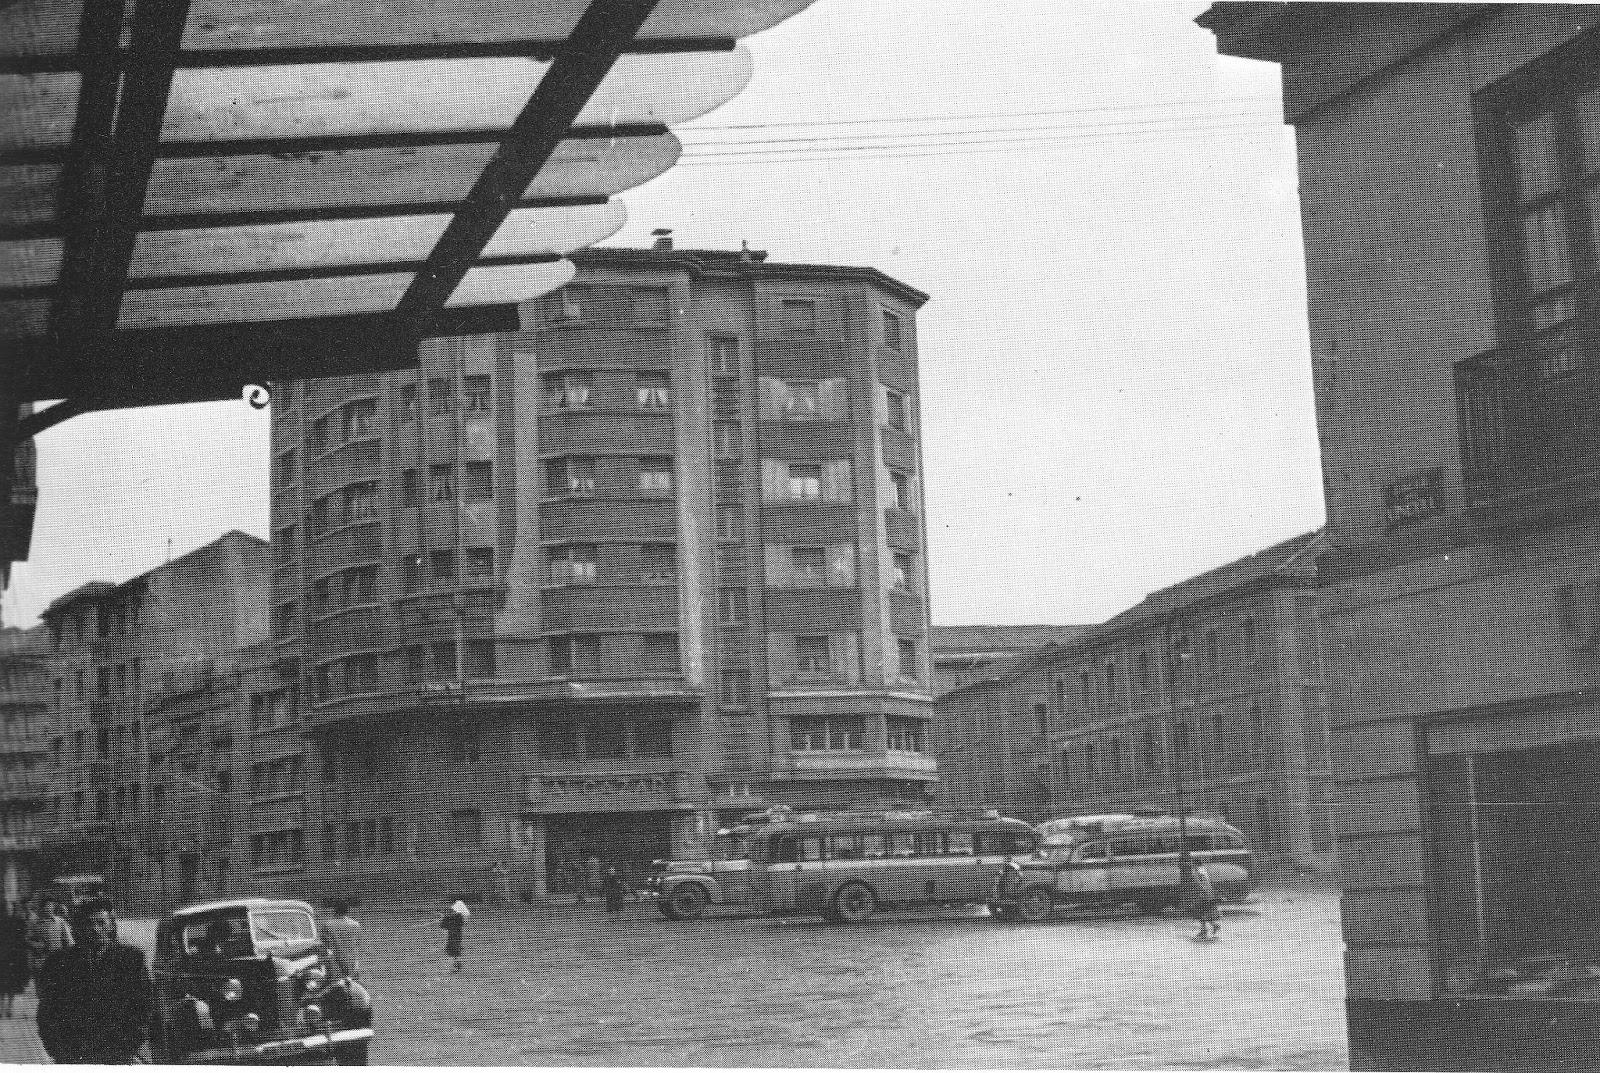 Memorias del viejo pamplona la plaza de la argentina y for Casa puntos pamplona